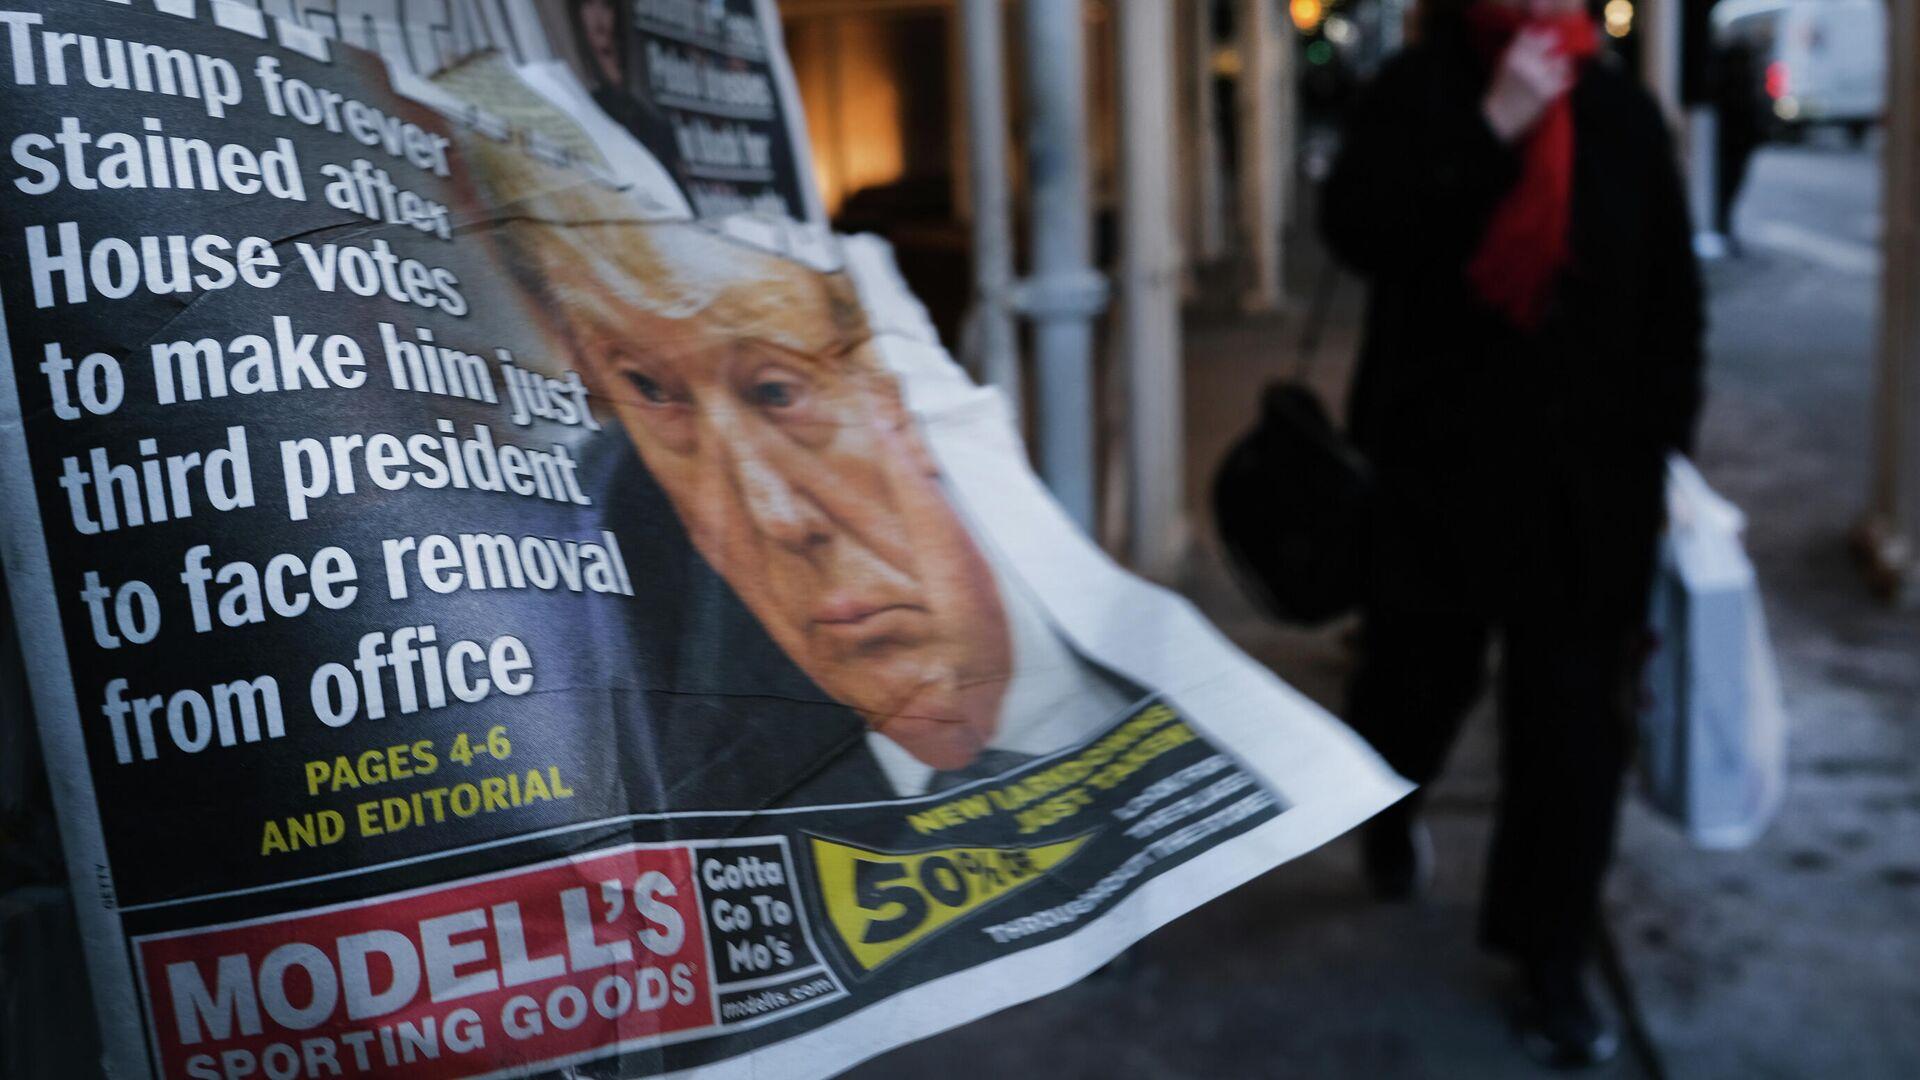 Газета с портретом президента США Дональда Трампа в Нью-Йорке  - РИА Новости, 1920, 10.12.2020